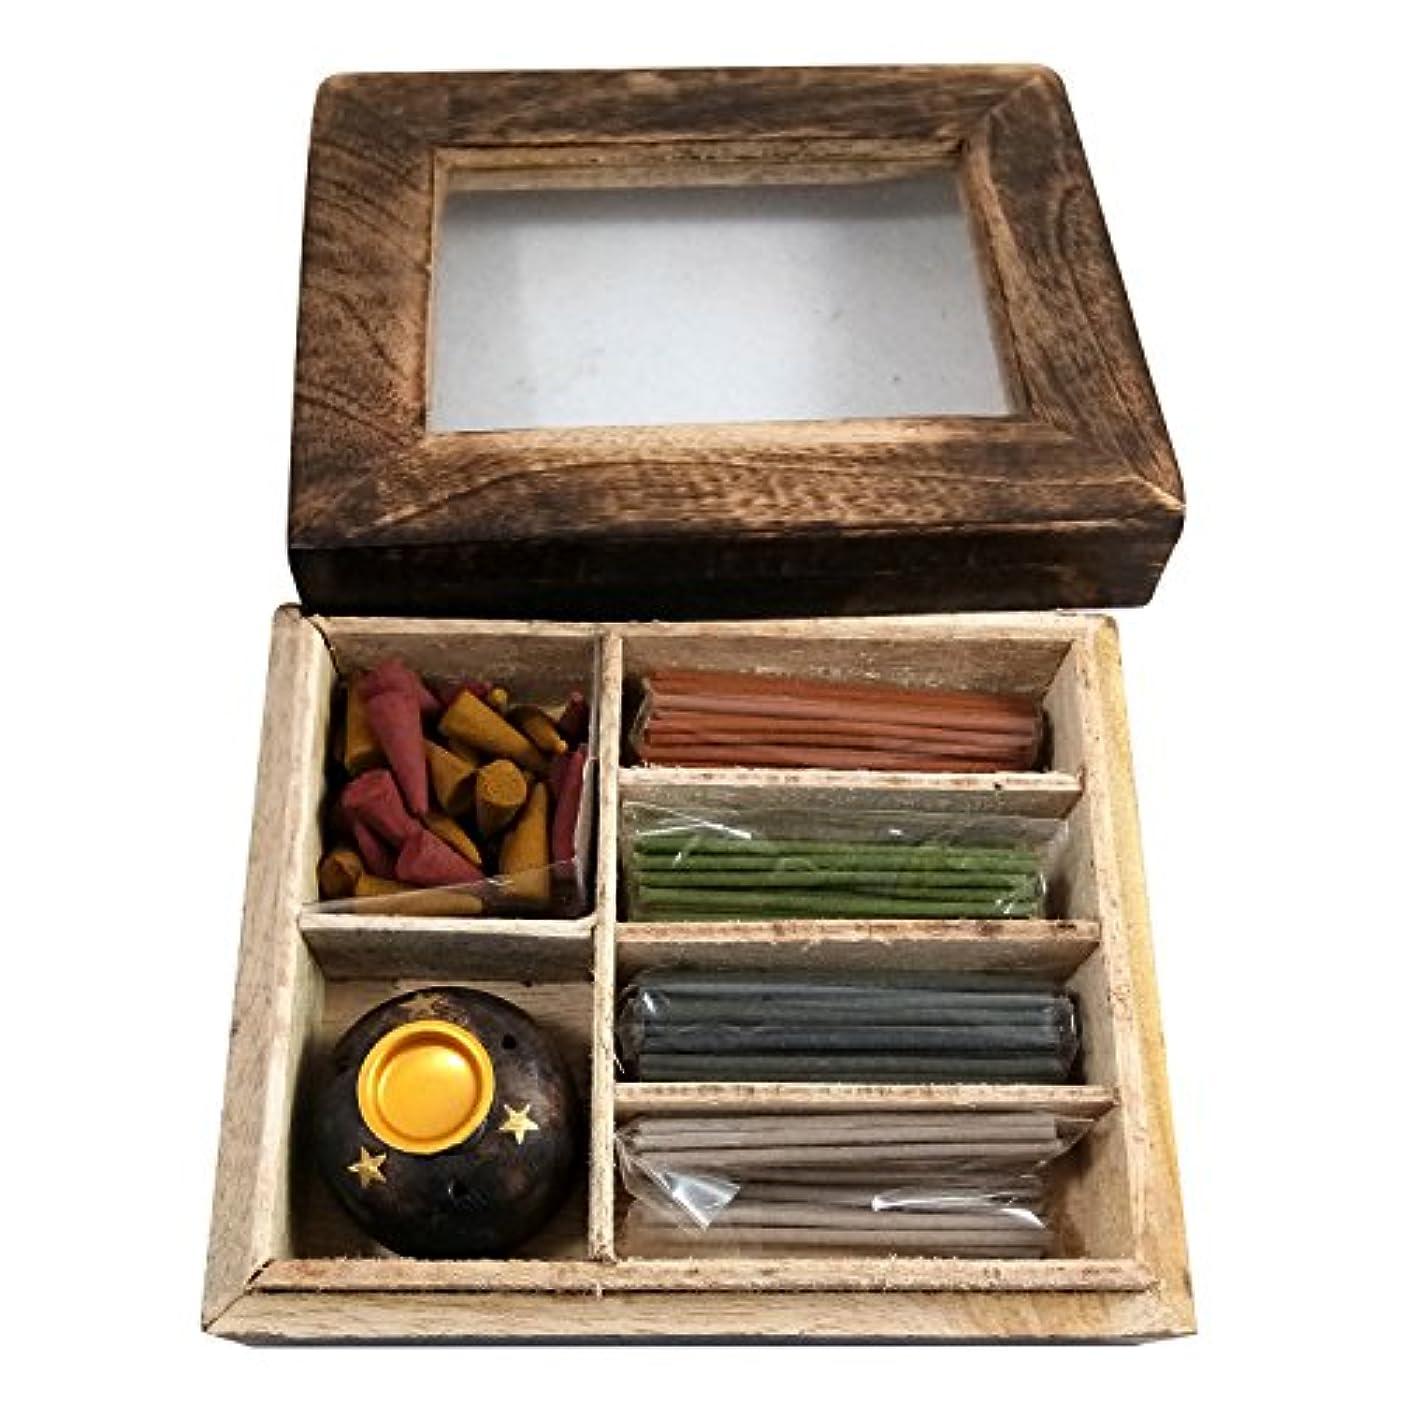 腹部微生物暖炉手作りの木製工芸品の香りスティックボックスギフトパックの用途ホームフレグランス目的、個人&企業の贈り物|スティック&スタンド付きスティックギフトパック